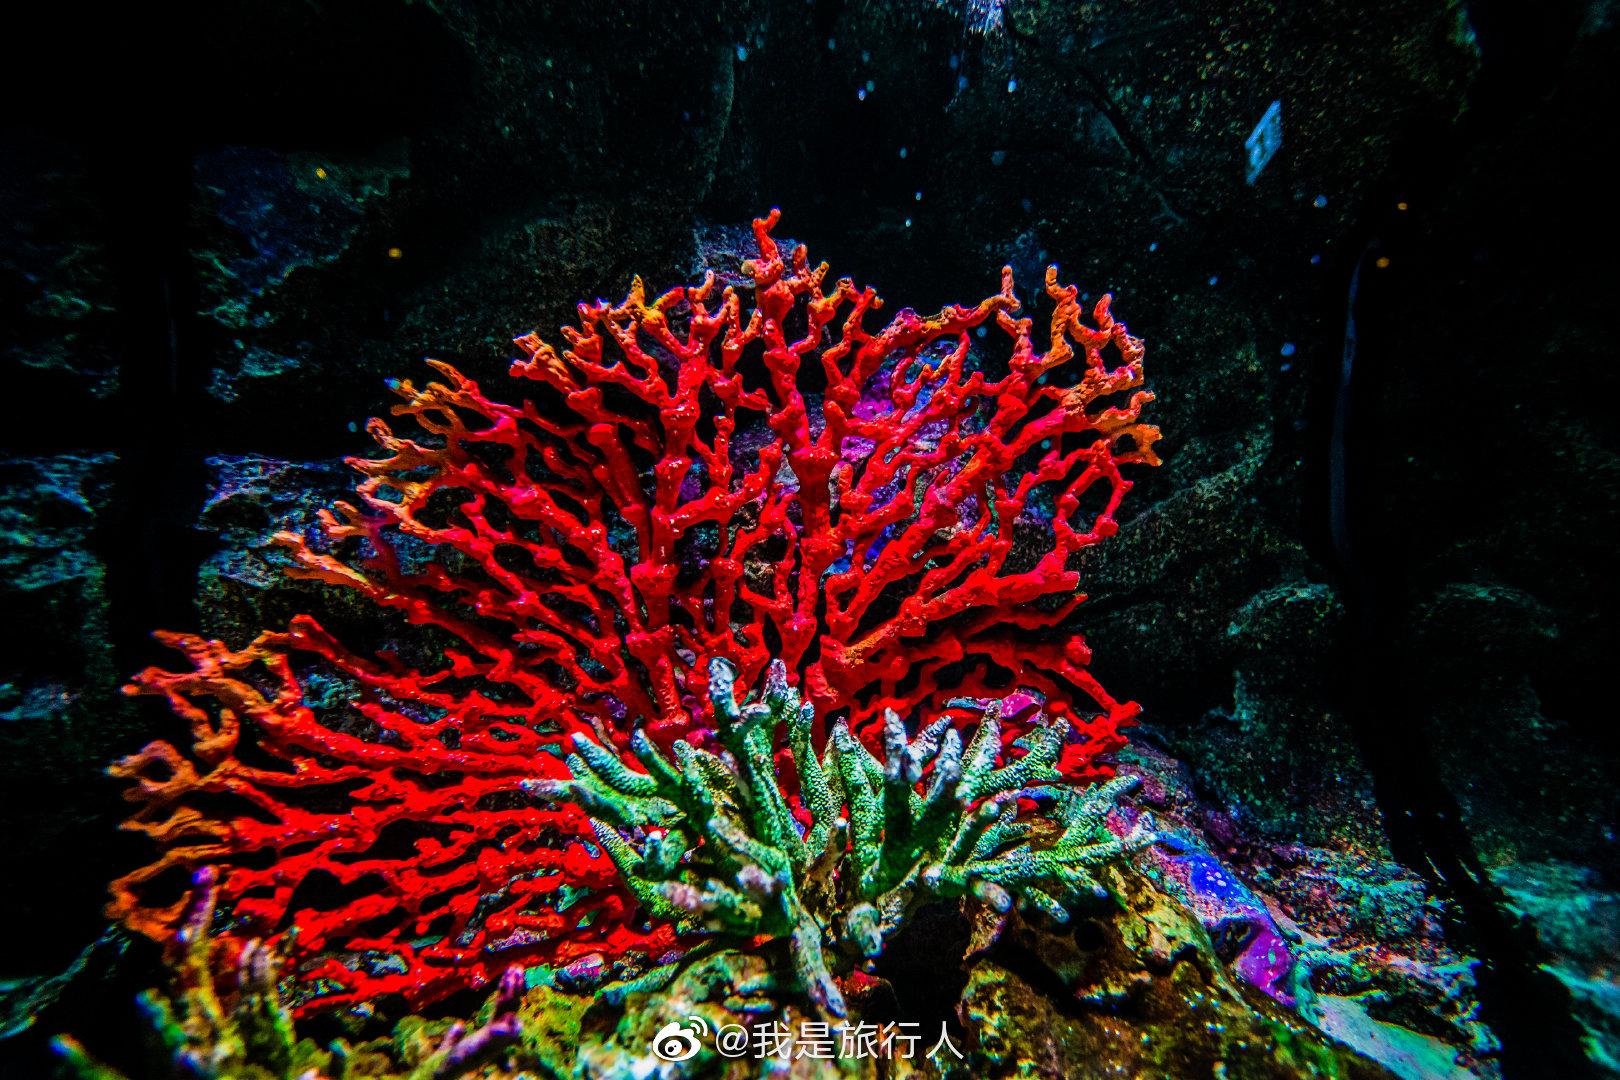 曼谷暹罗海洋世界   东南亚最大水族馆对于总是高温闷热的曼谷来说